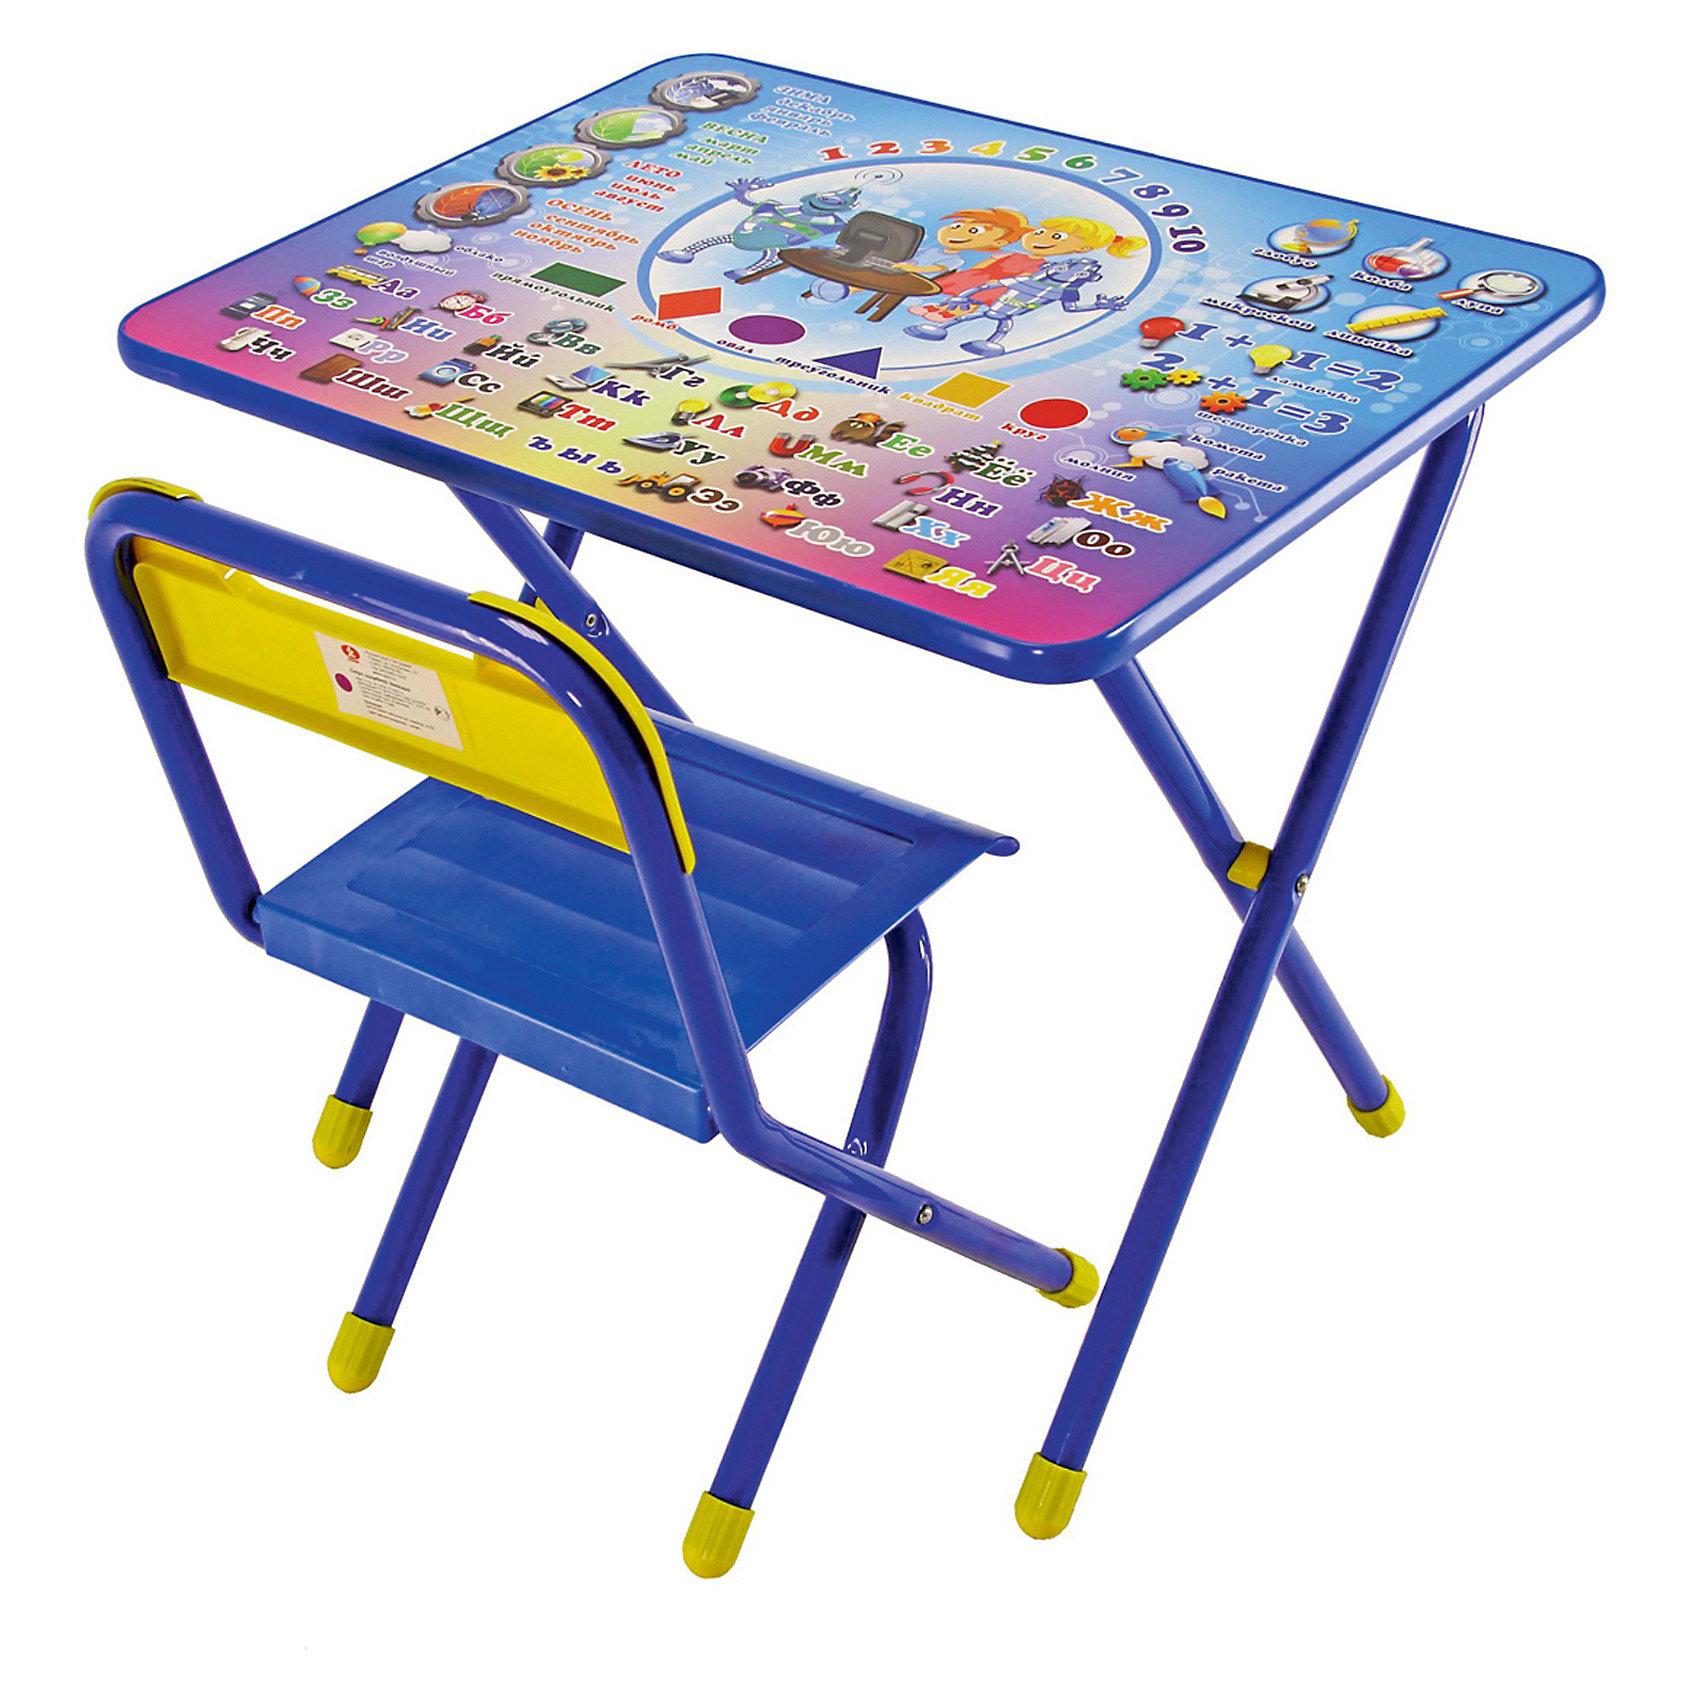 Набор мебели Электроник (2-5 лет), Дэми, синийМебель<br>В  набор мебели Дэми Электроник входит стол и стульчик, которые прекрасно подходят для эксплуатации, как дома, так и в дошкольных учреждениях. Может быть использован для детских игр и занятий.<br>Ламинированную столешницу легко очищать.  На поверхность нанесен яркий обучающий рисунок, состоящий из букв и цифр, который явно заинтересует ребёнка.<br> За столом Ваш ребенок сможет заниматься рисованием, лепкой, чтением или просто играть.<br>При необходимости набор легко складывает и убирается, поэтому он подходит даже для помещений маленькой площади.<br><br>Дополнительная информация:<br><br>- вес: 8 кг. <br>- цвет: синий <br>- размеры: 15х64х74 см.<br>- материал: металл, пластмасса<br>- размеры столешницы: 45х60 см. - высота до плоскости столешницы: 46 см.<br>- высота по сиденью: 26 см.<br>- высота верхнего края спинки: 24 см.<br>- допустимая нагрузка на сиденье до 30 кг.<br><br>Набор детской мебели Электроник, Дэми, синий можно купить в нашем интернет магазине.<br><br>Ширина мм: 150<br>Глубина мм: 740<br>Высота мм: 640<br>Вес г: 8000<br>Возраст от месяцев: 24<br>Возраст до месяцев: 60<br>Пол: Мужской<br>Возраст: Детский<br>SKU: 3530352